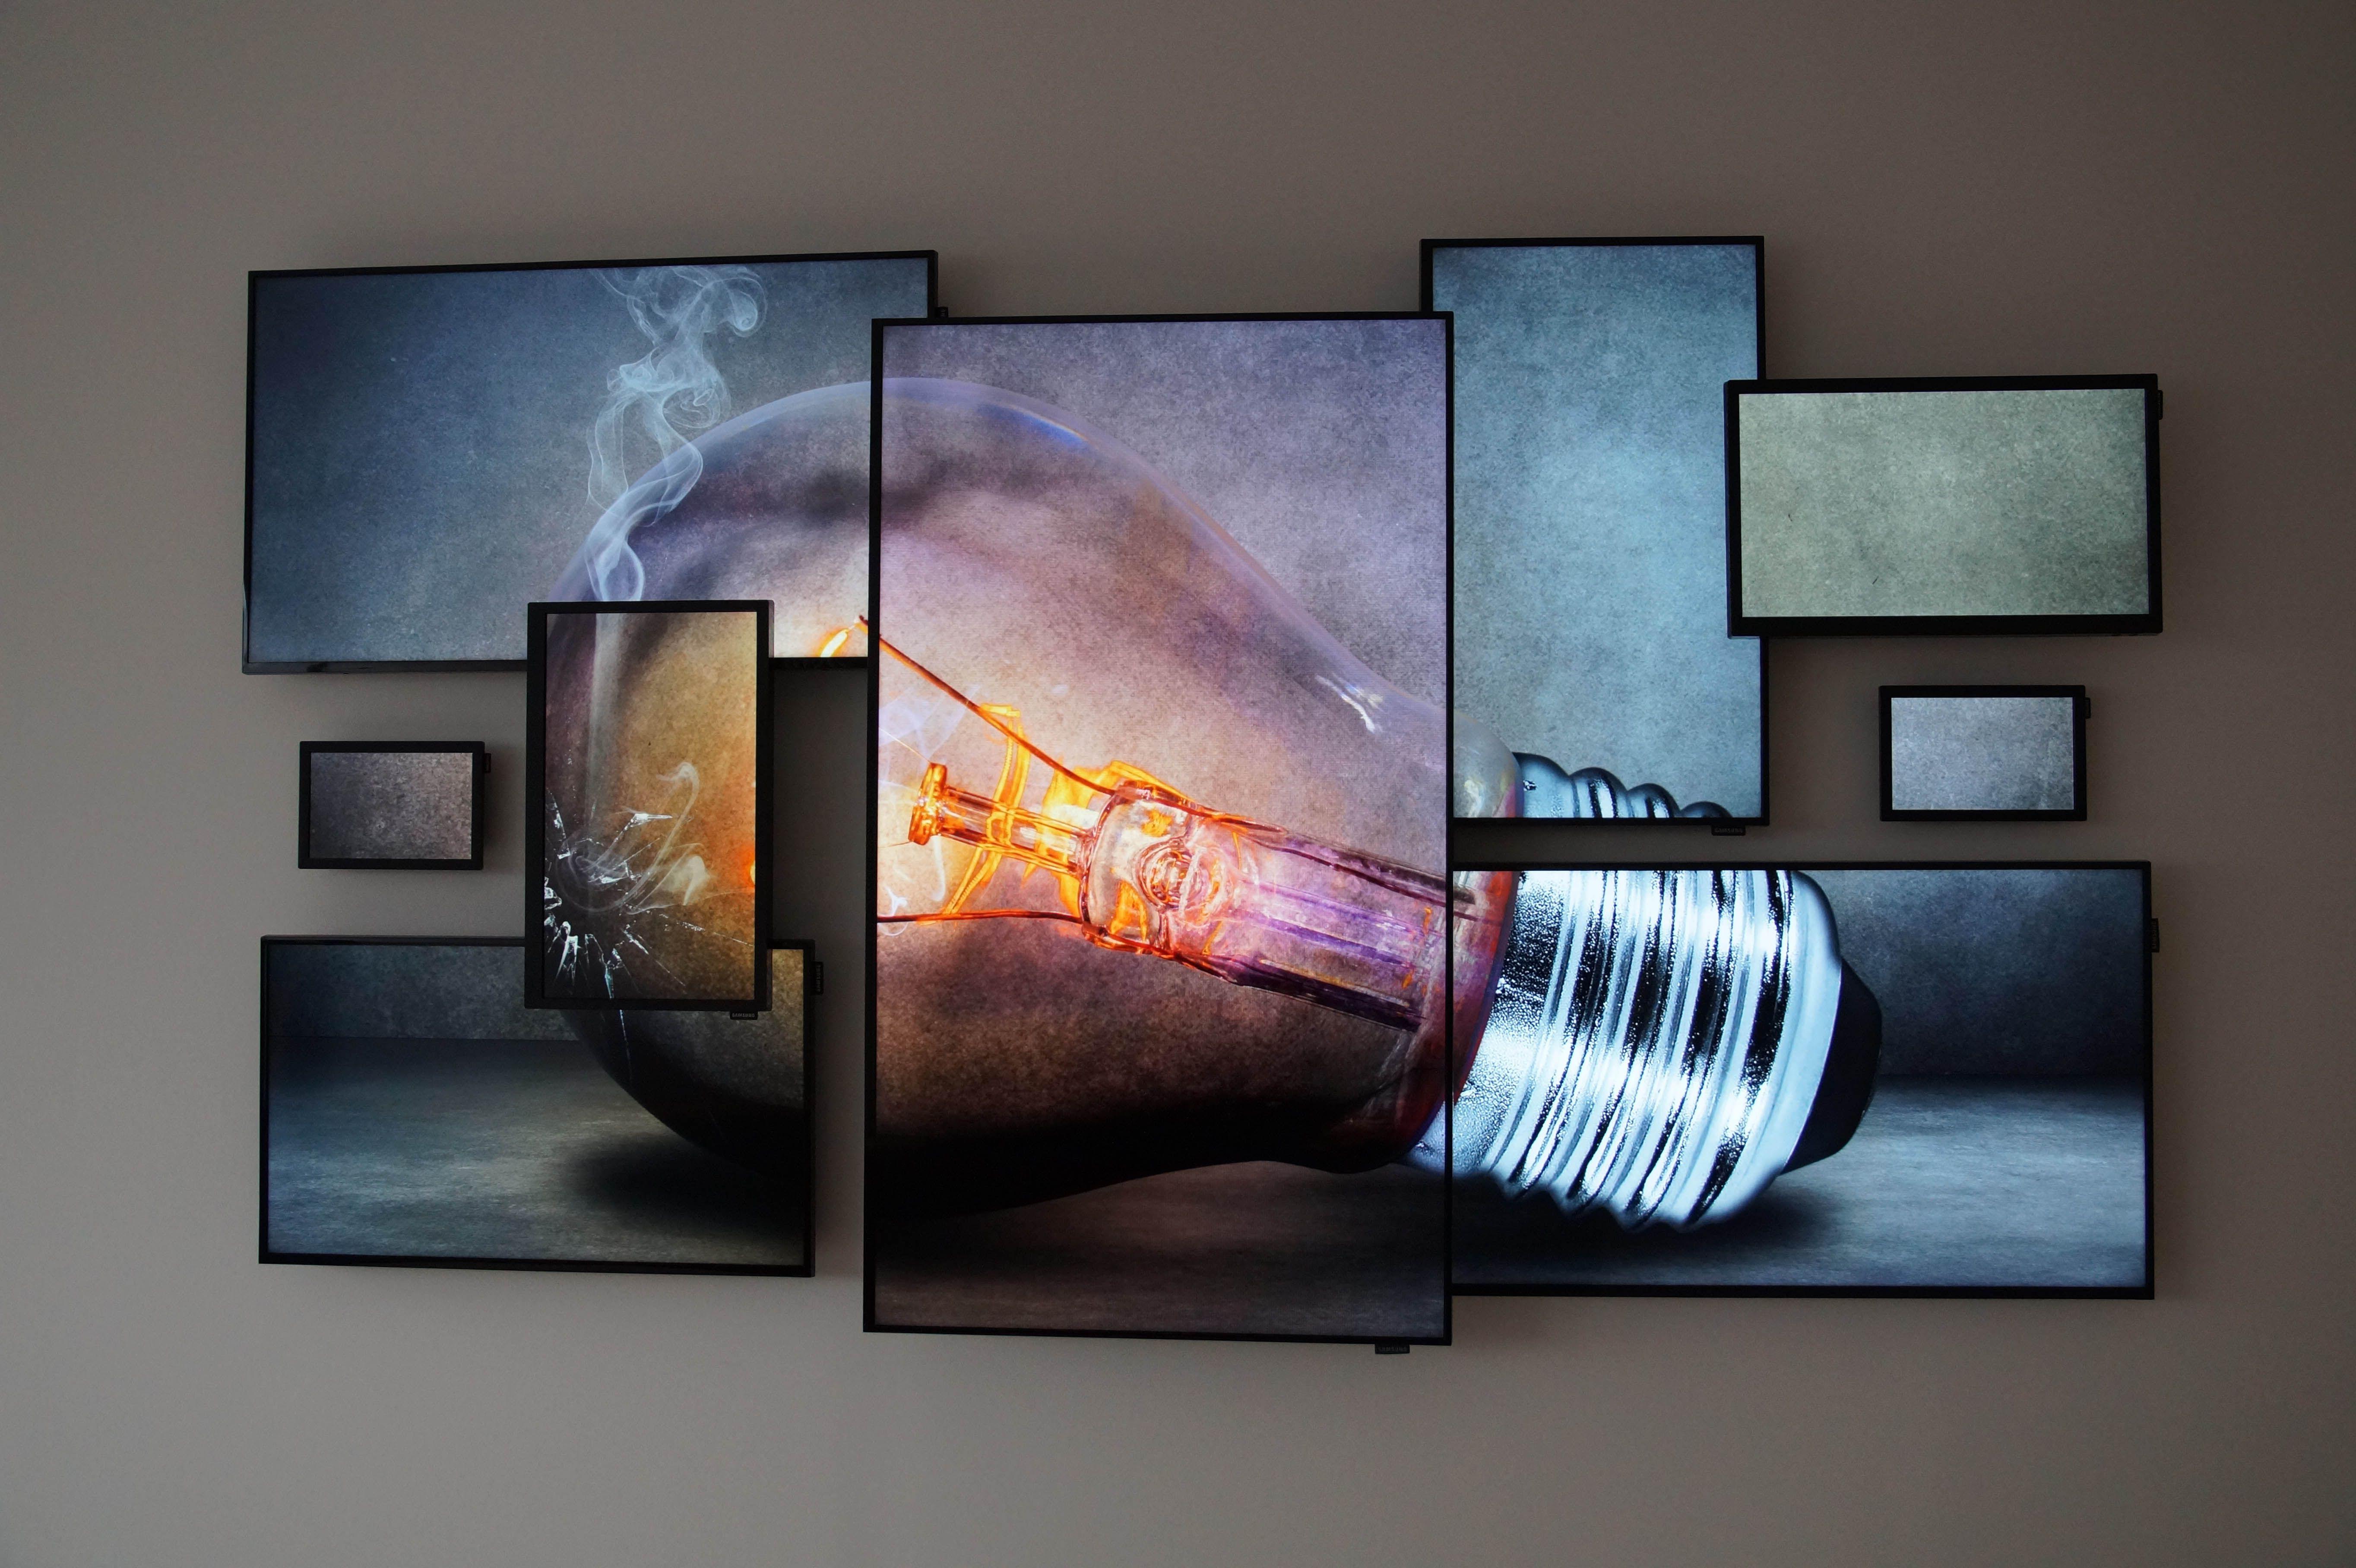 Digital Signage Mieten Digital Signage Kaufen Festinstallation Digitale Schaufenster Werbeflachen Digitale Beschilderung Schilder Design Neues Zeitalter